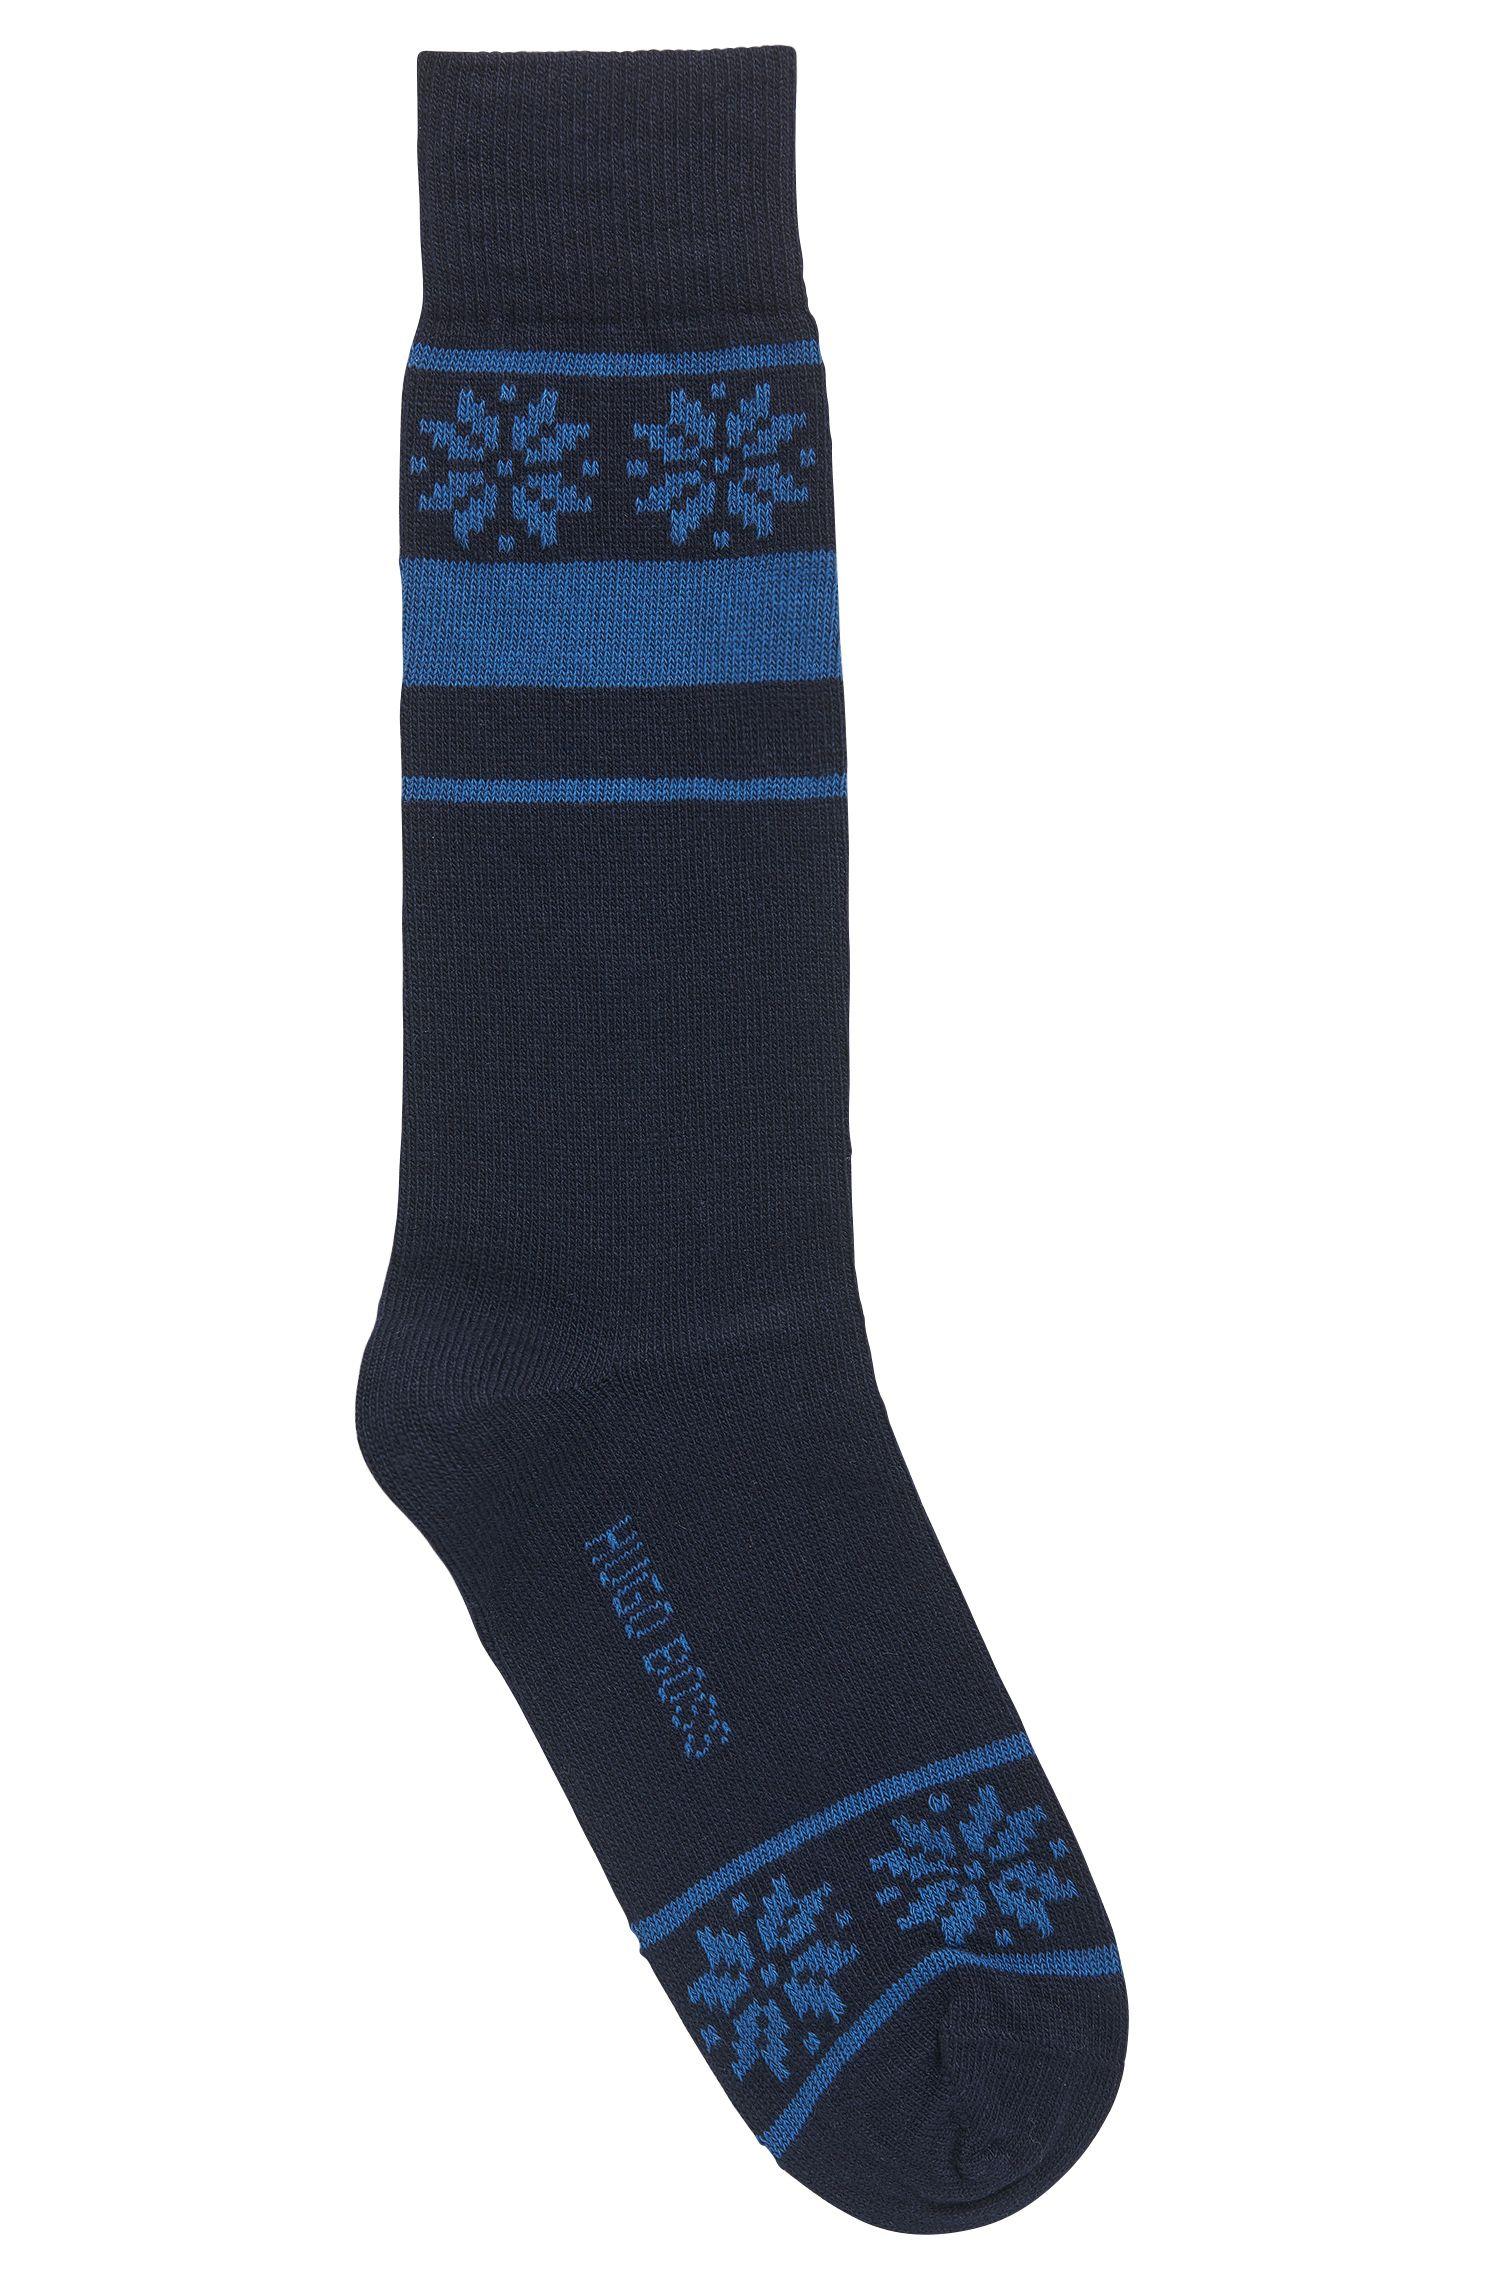 Chaussettes mi-mollet confectionnées avec des fils haute résistance